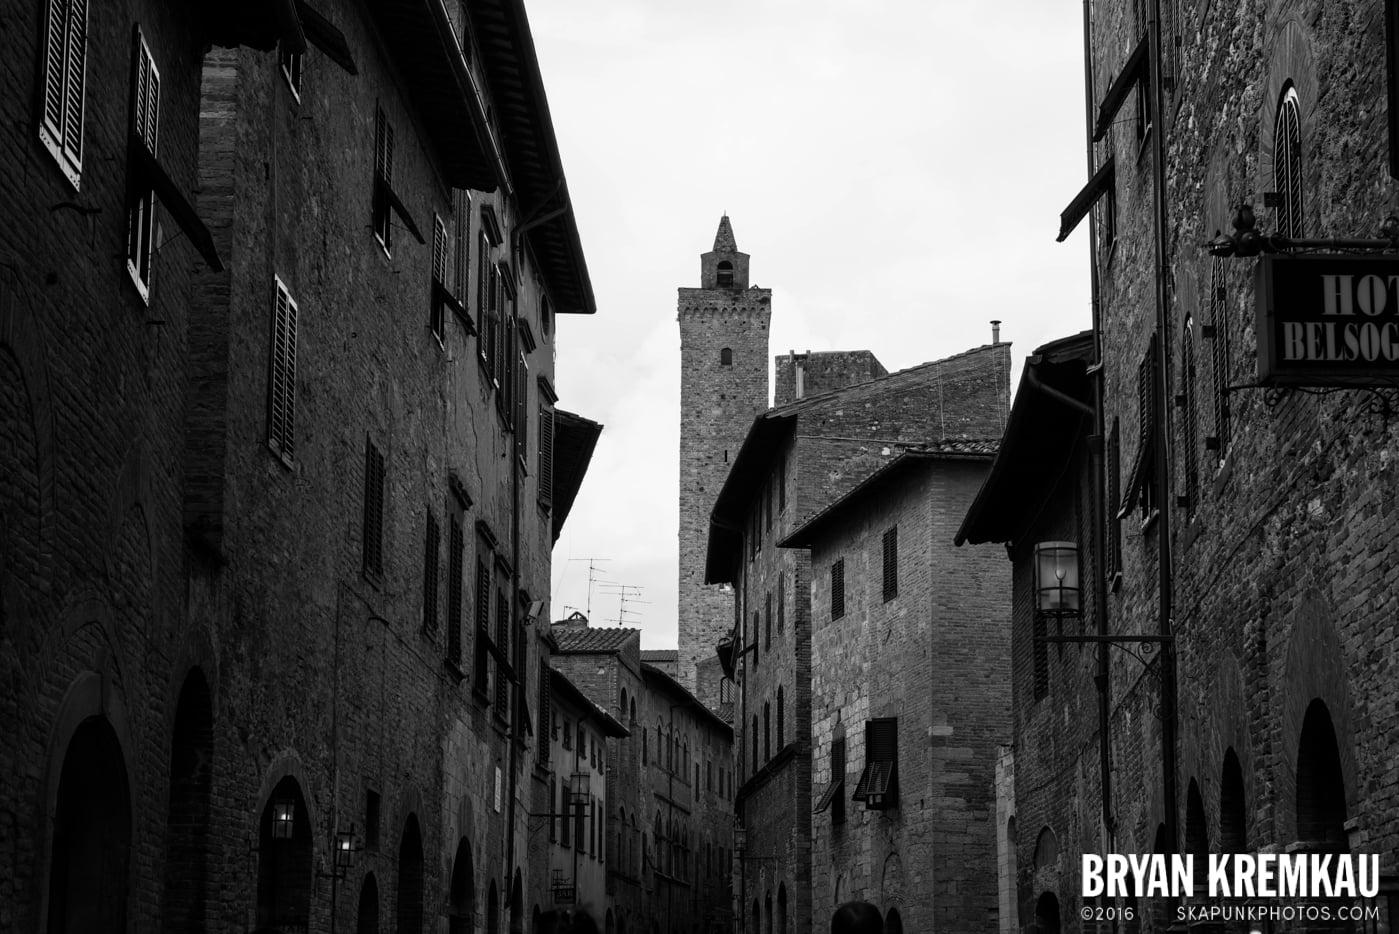 Italy Vacation - Day 8: Siena, San Gimignano, Chianti, Pisa - 9.16.13 (74)